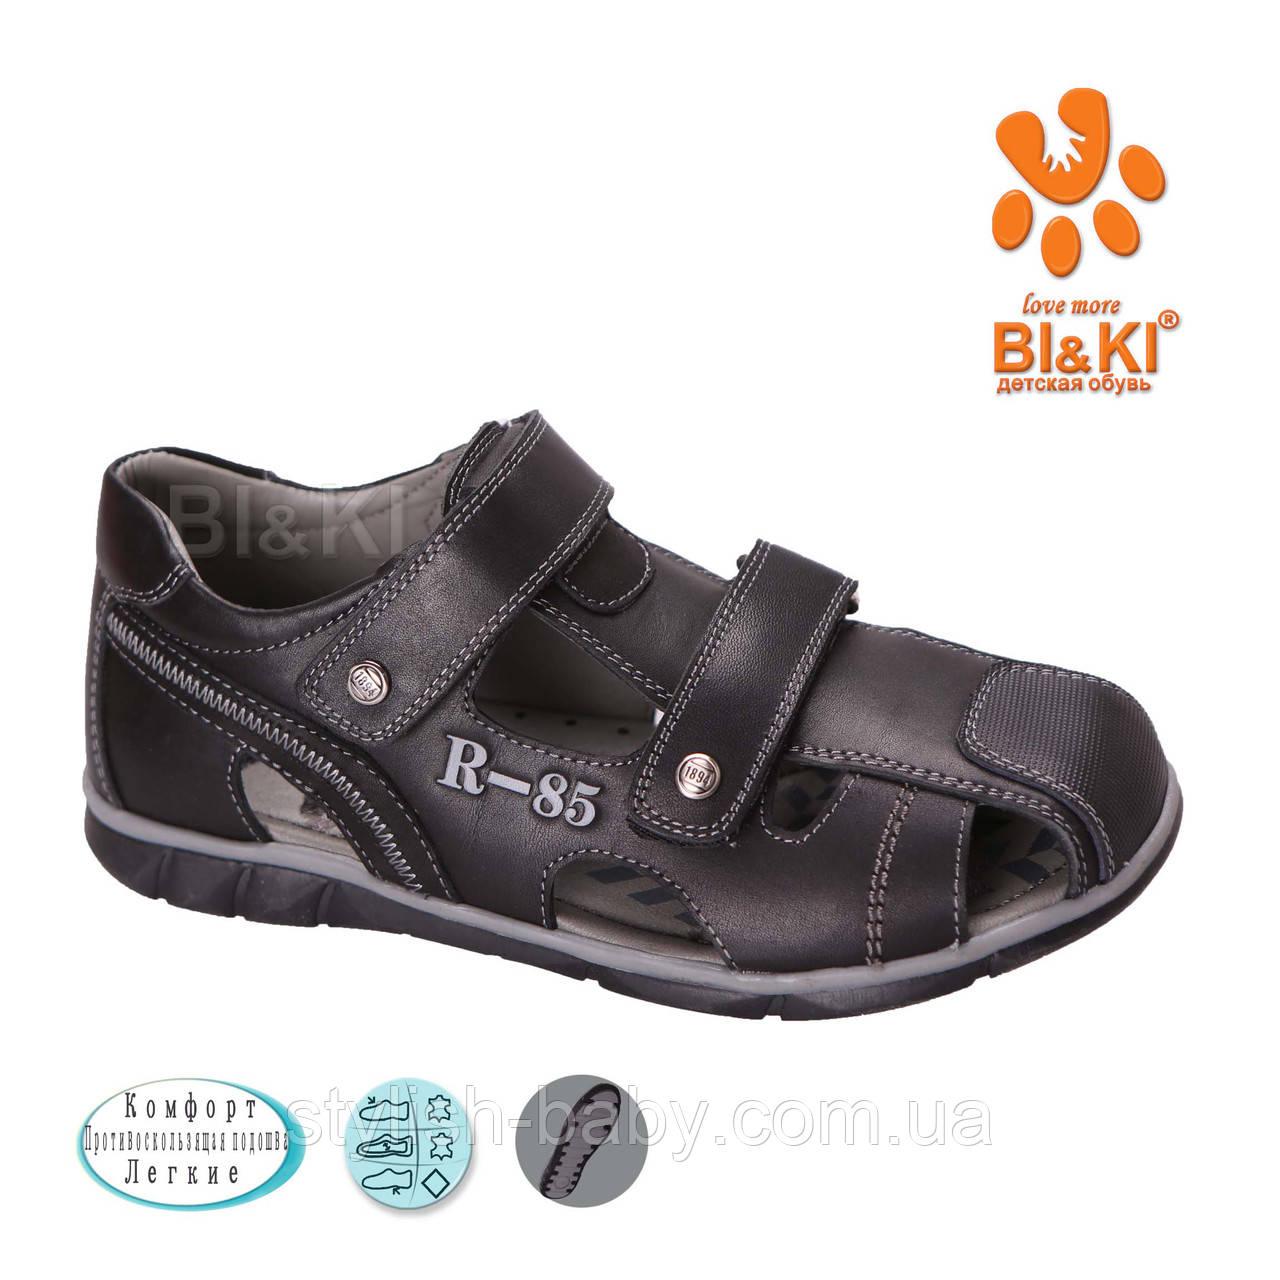 Детская коллекция летней обуви 2018. Детские босоножки бренда Tom.m (Bi&Ki) для мальчиков (рр. с 33 по 38)